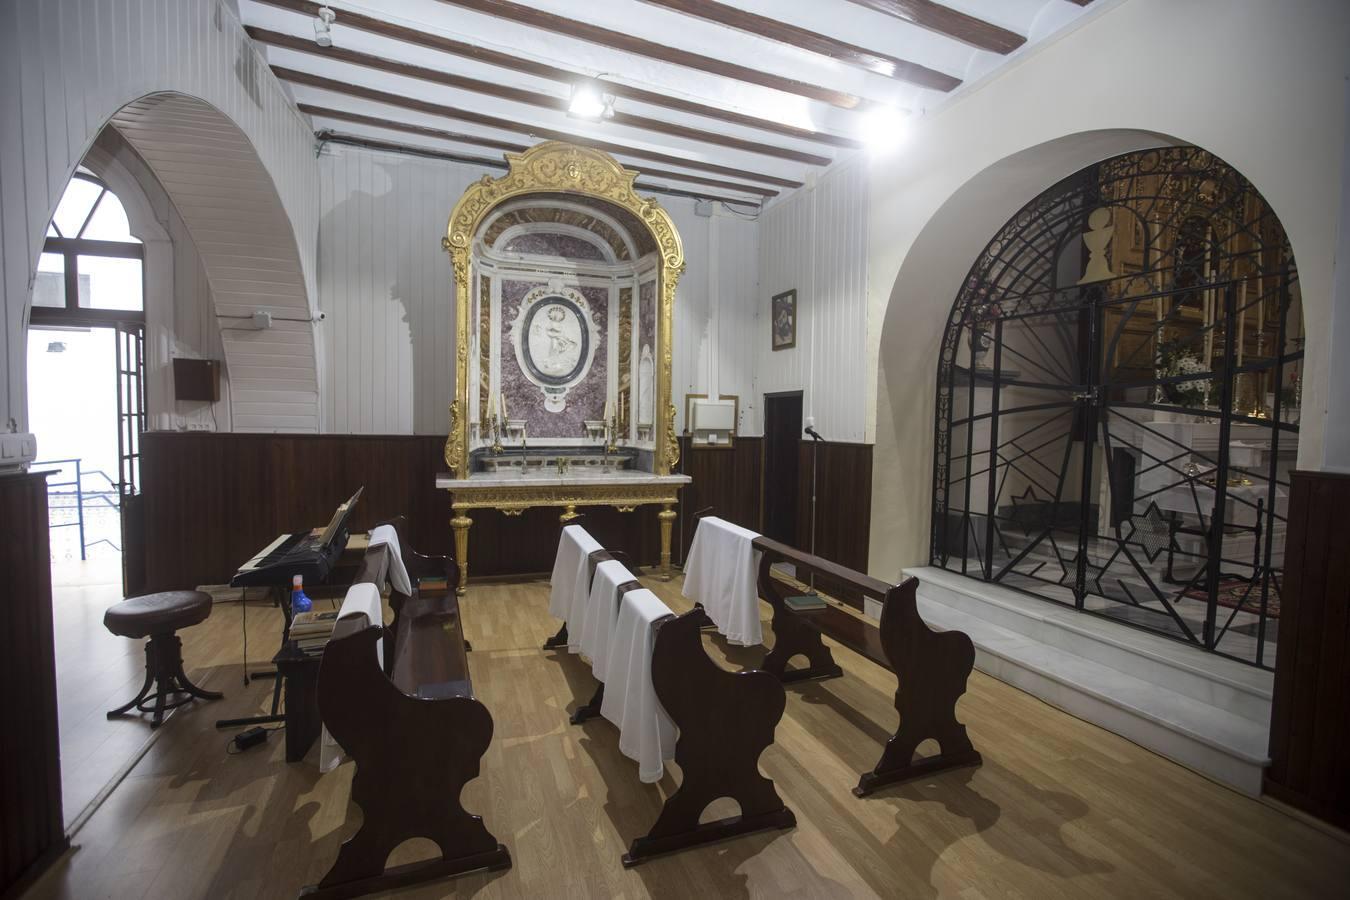 Coro de las Carmelitas Descalzas